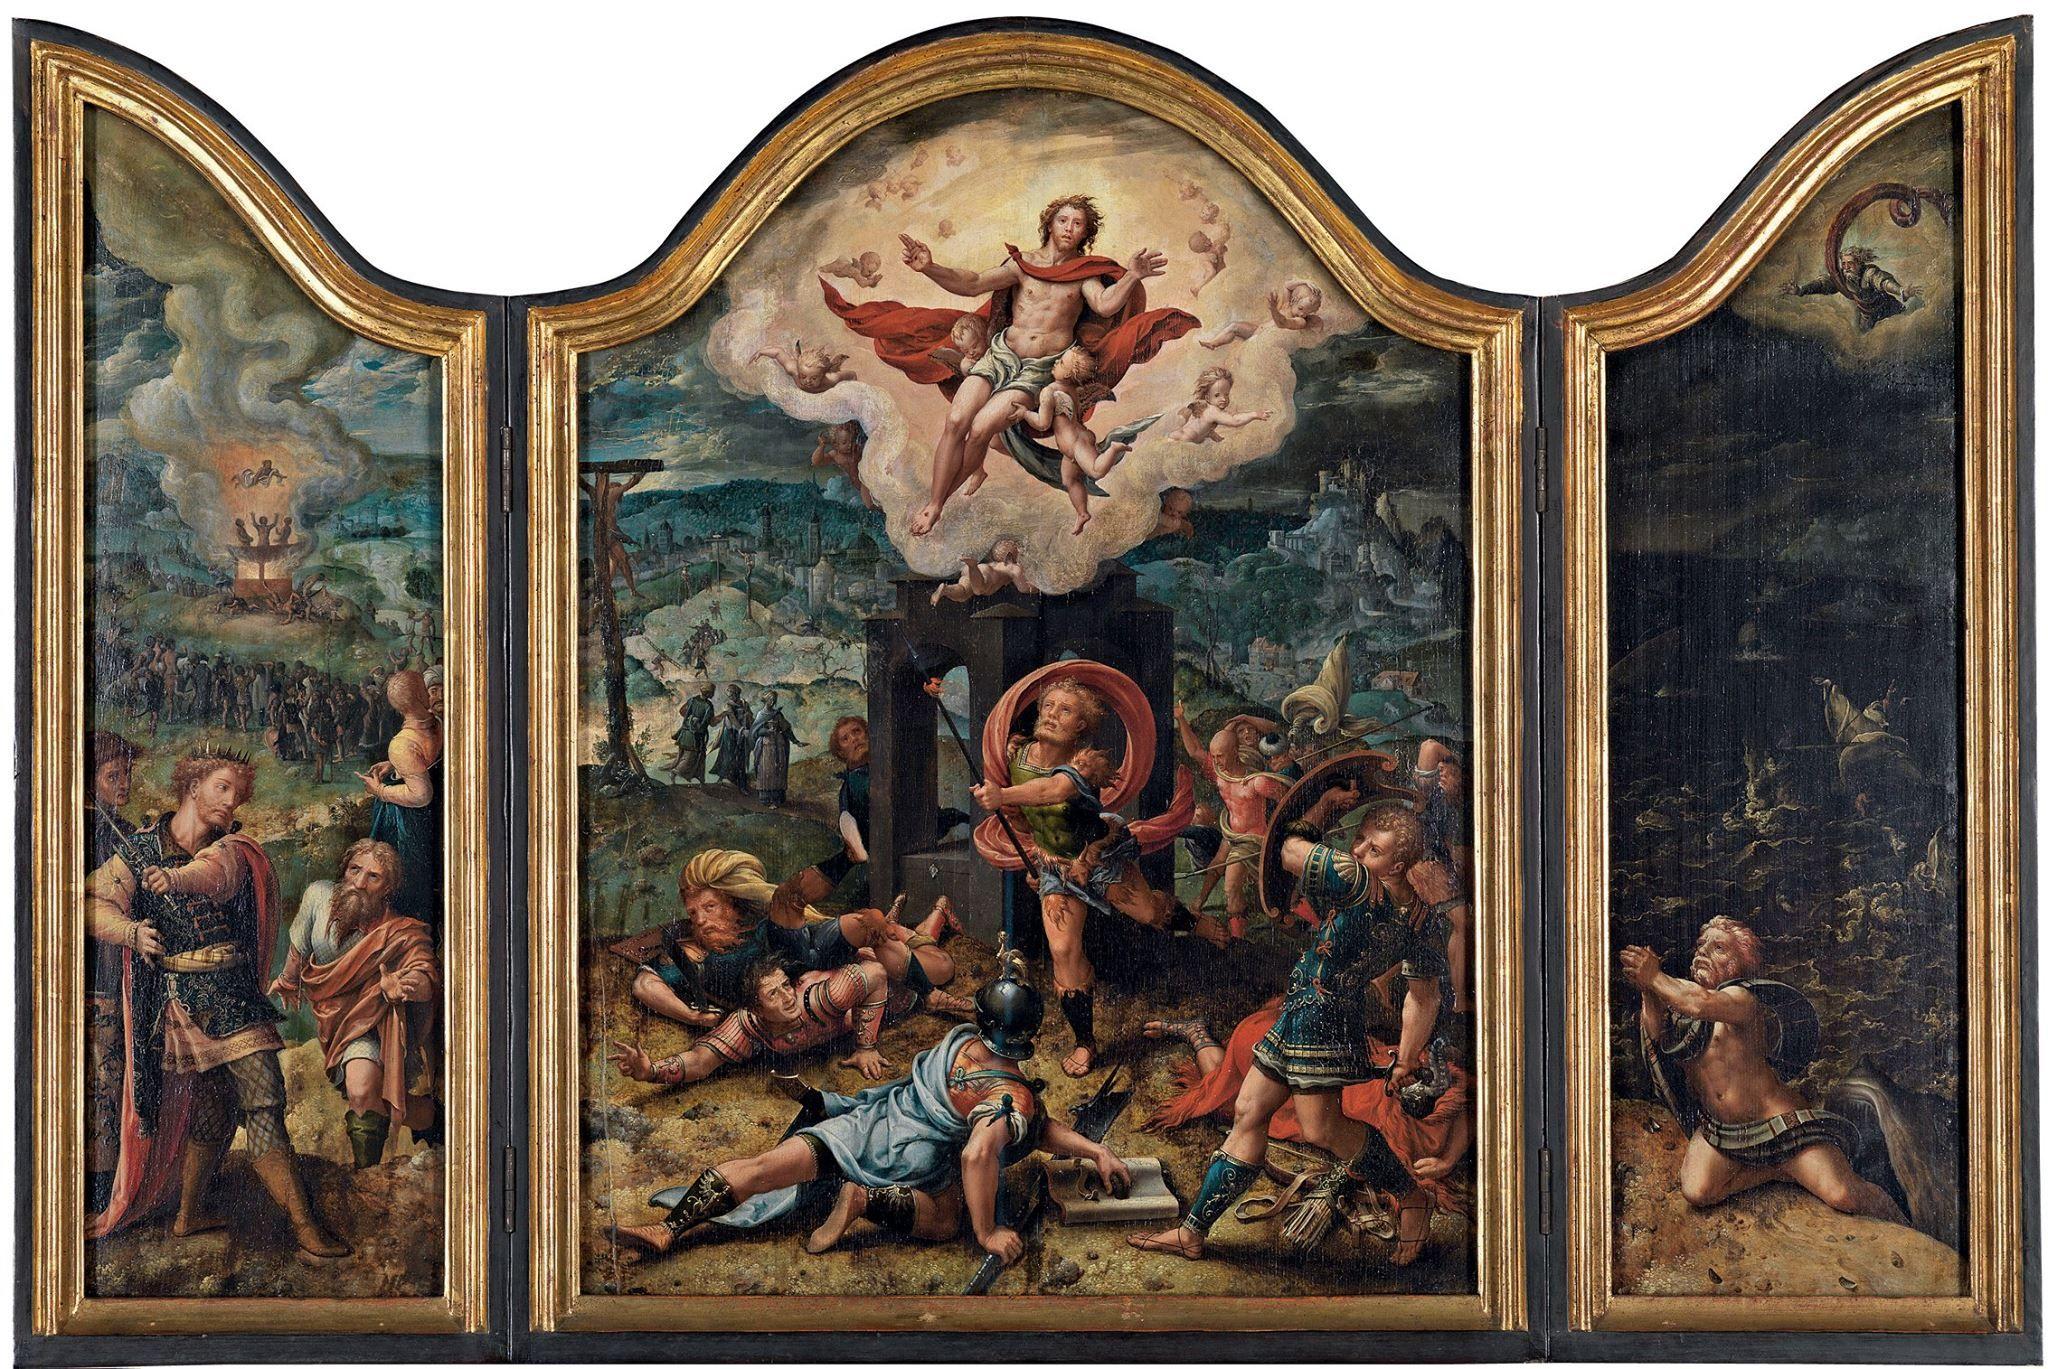 Pieter Coecke van Aelst (Netherlandish, 1502–1550) | Resurrection | ca. 1530 | Staatliche Kunsthalle Karlsruhe